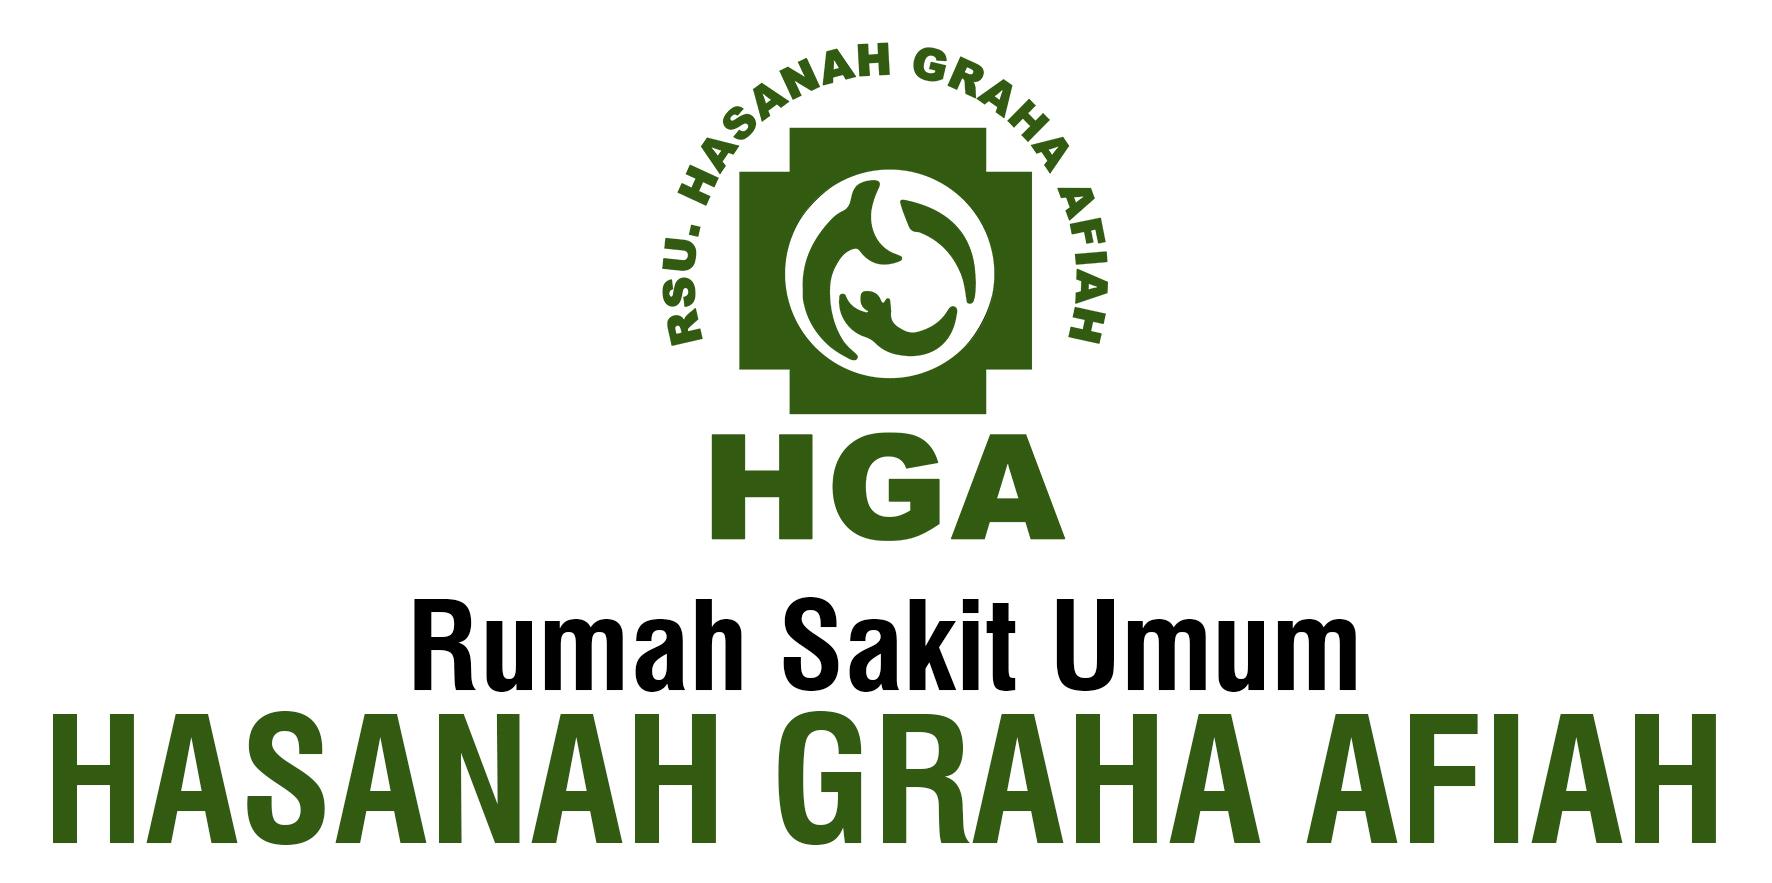 RSU HGA